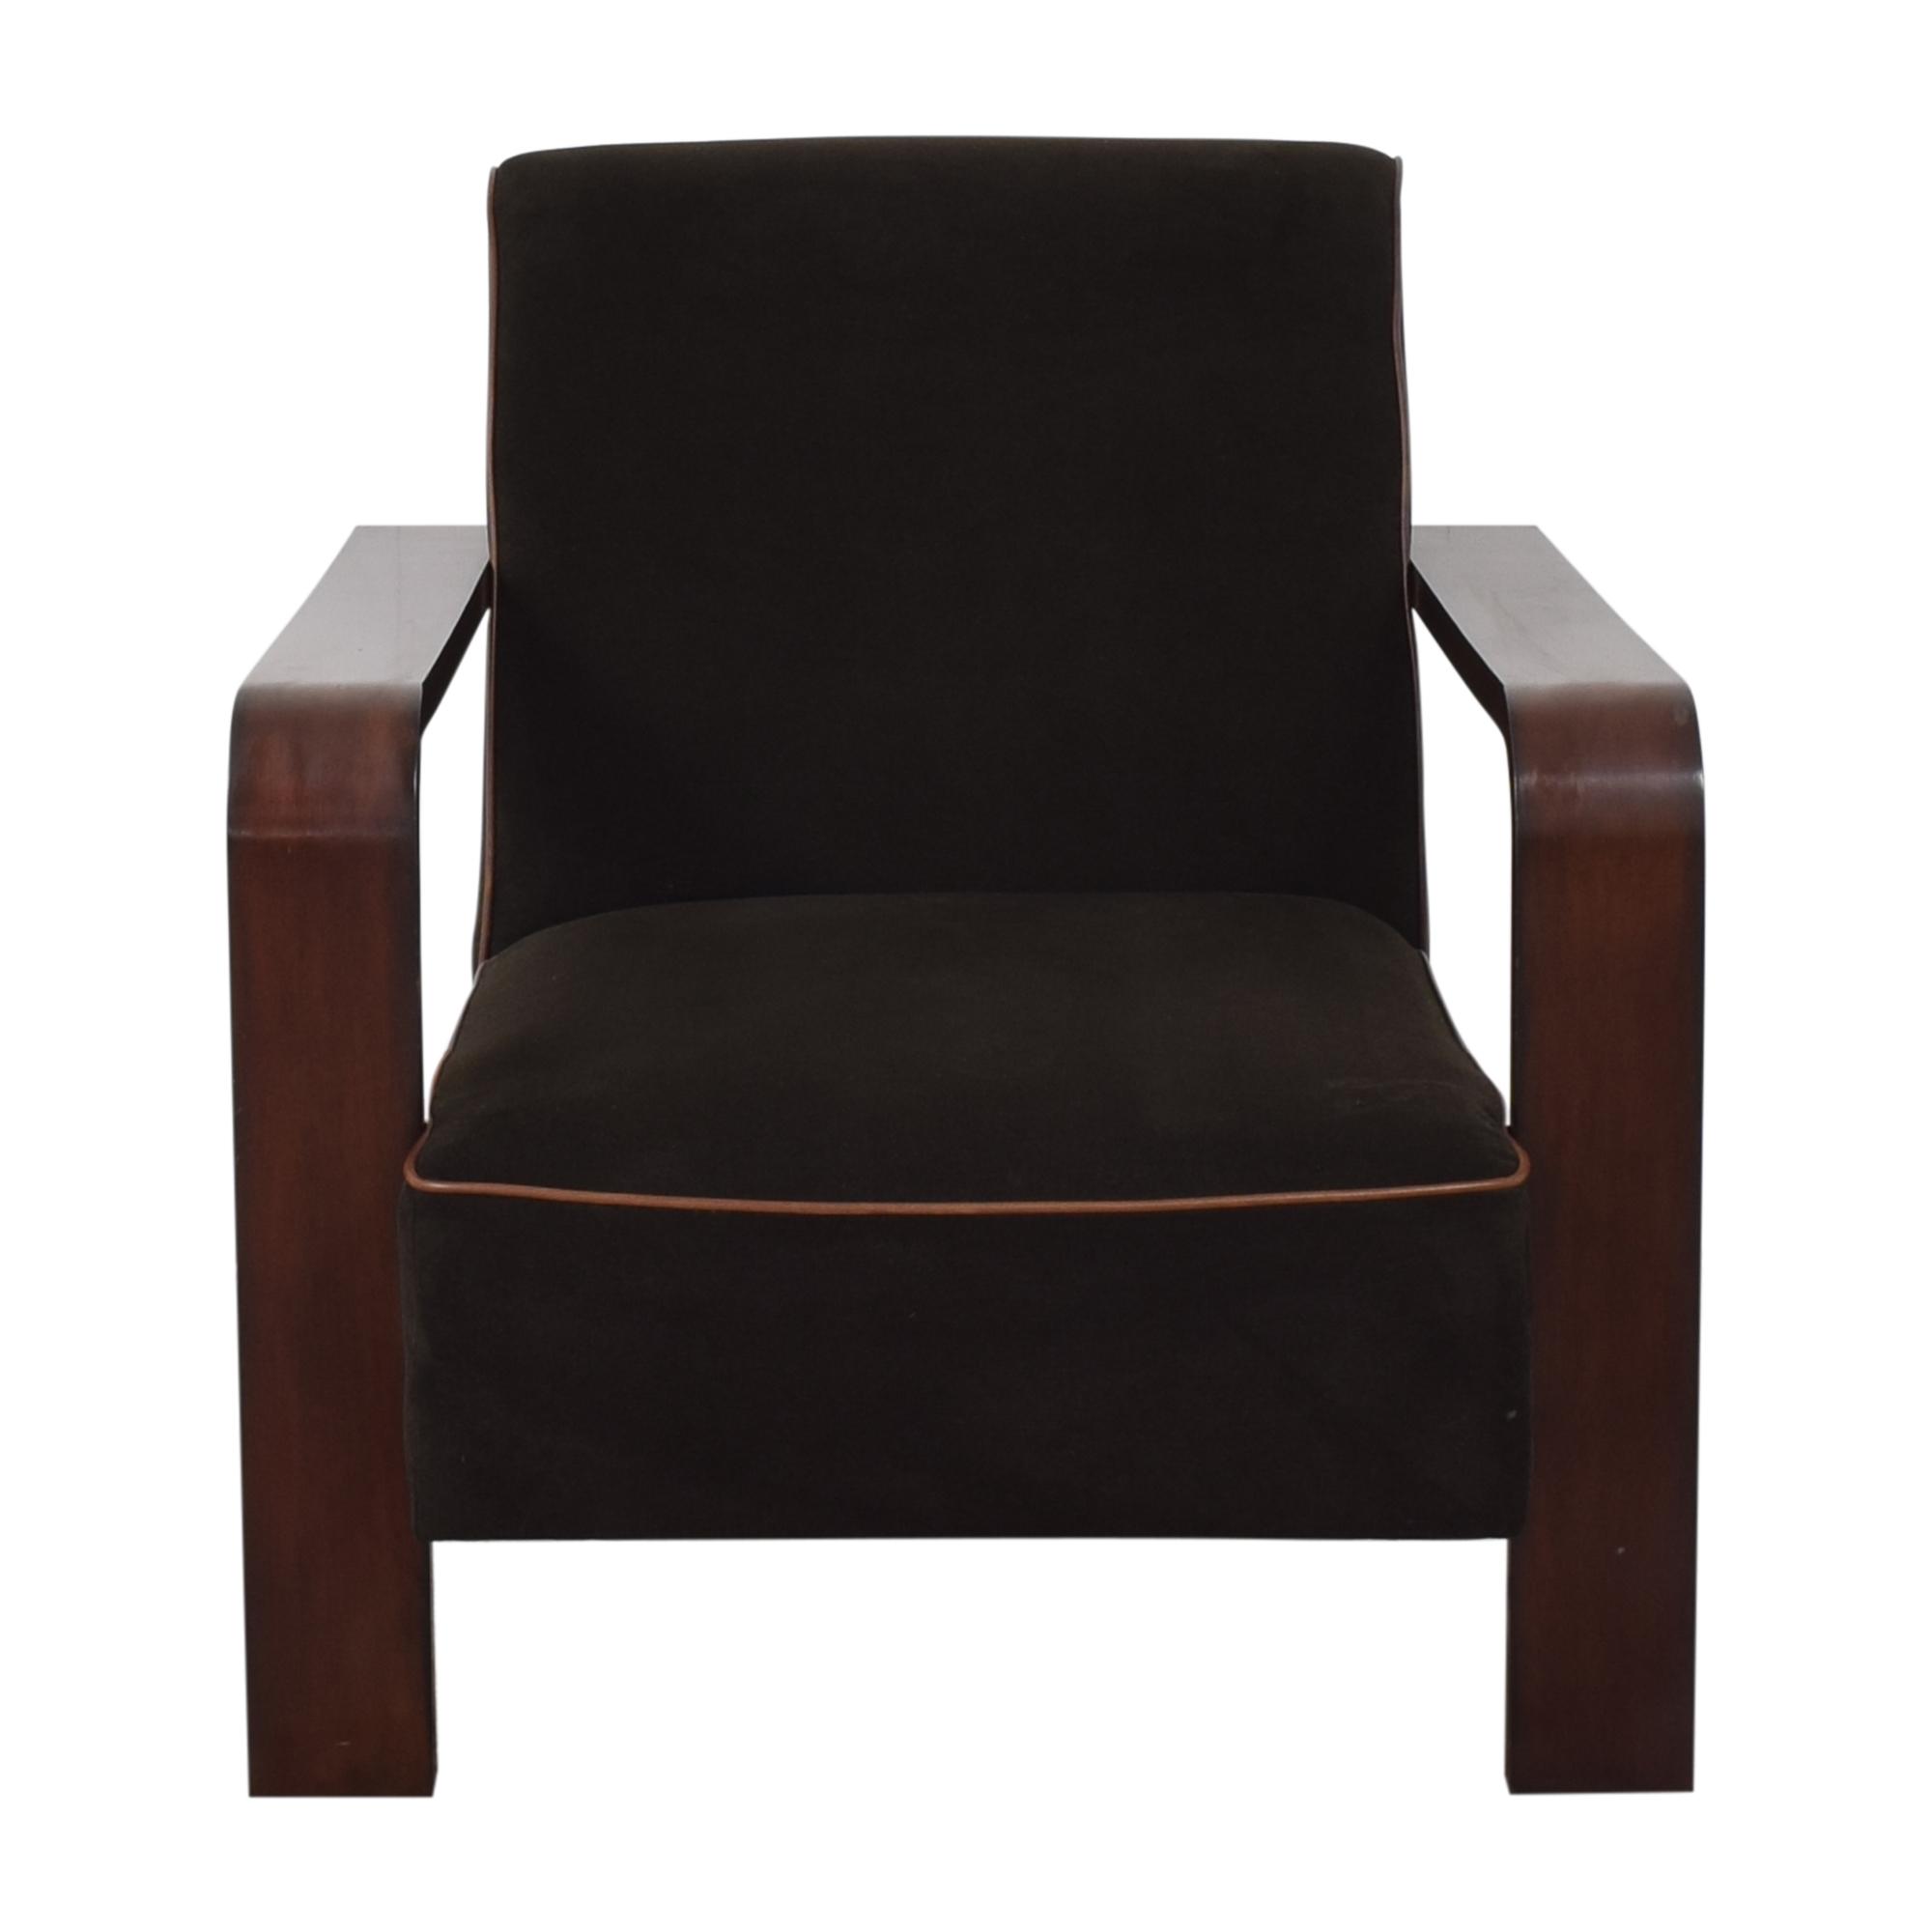 Ralph Lauren Home Ralph Lauren Home Modern Lounge Chair Accent Chairs